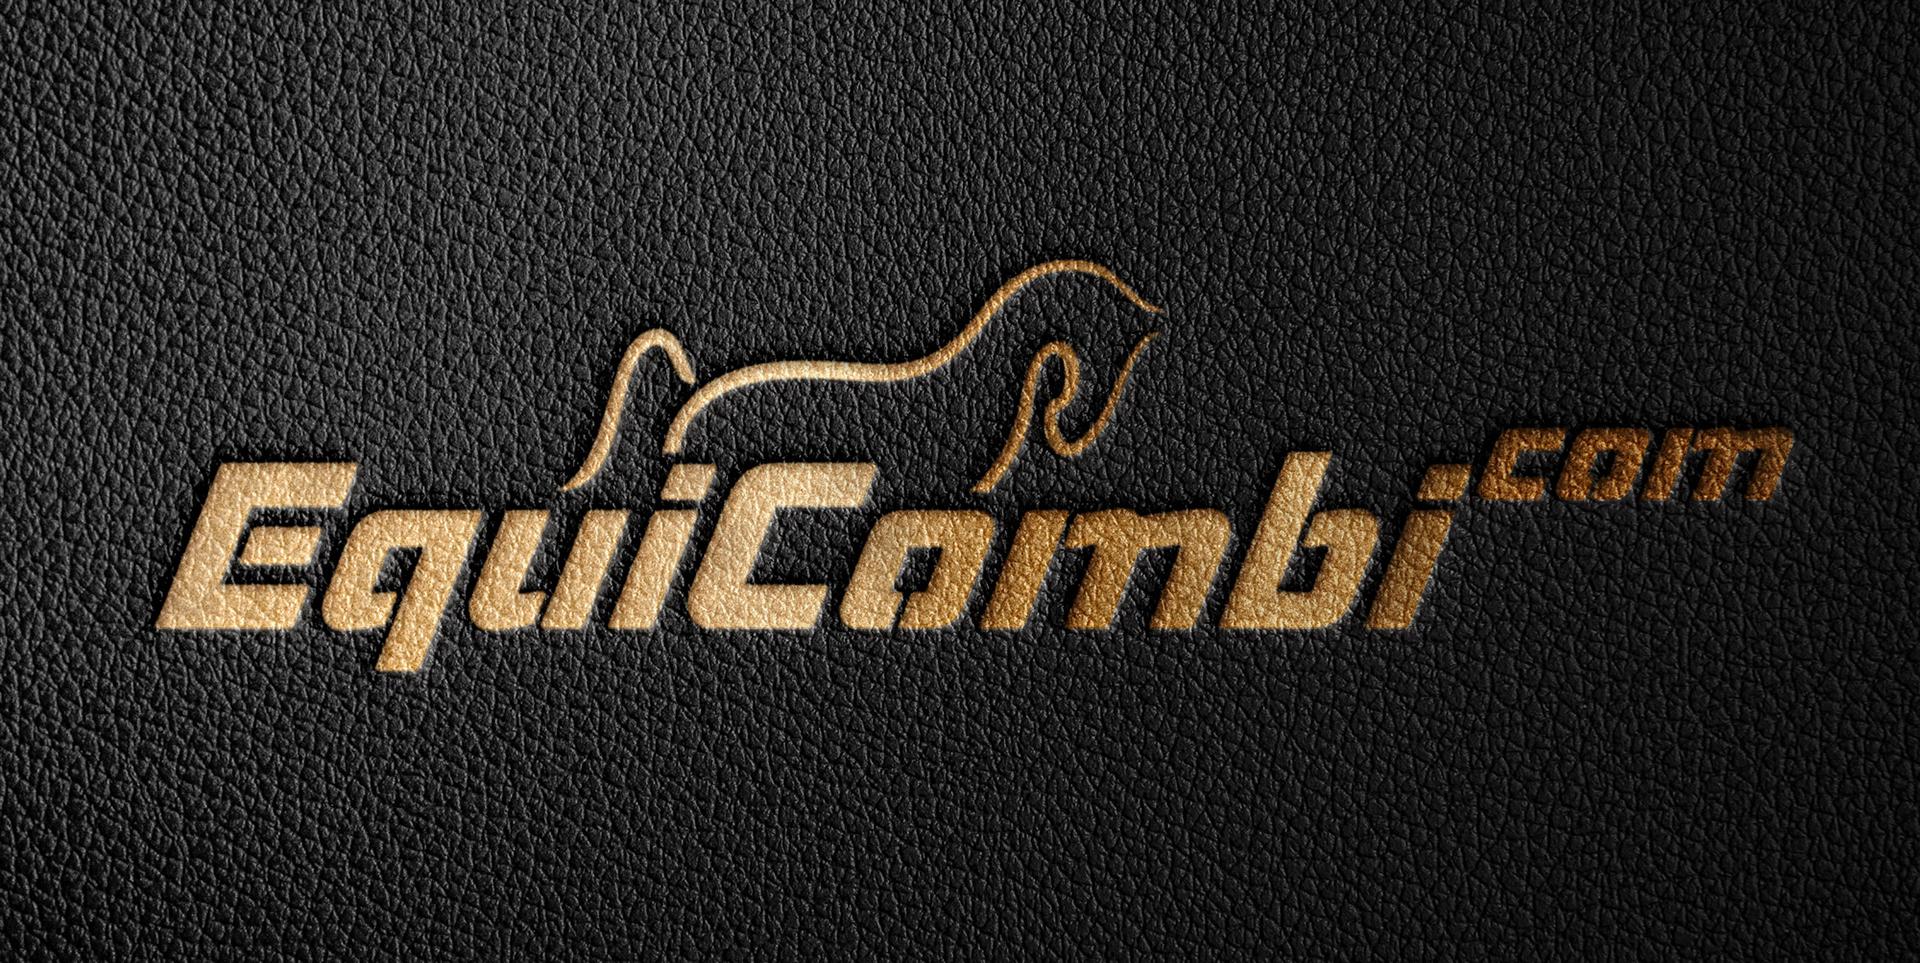 Logo Equicombi.com